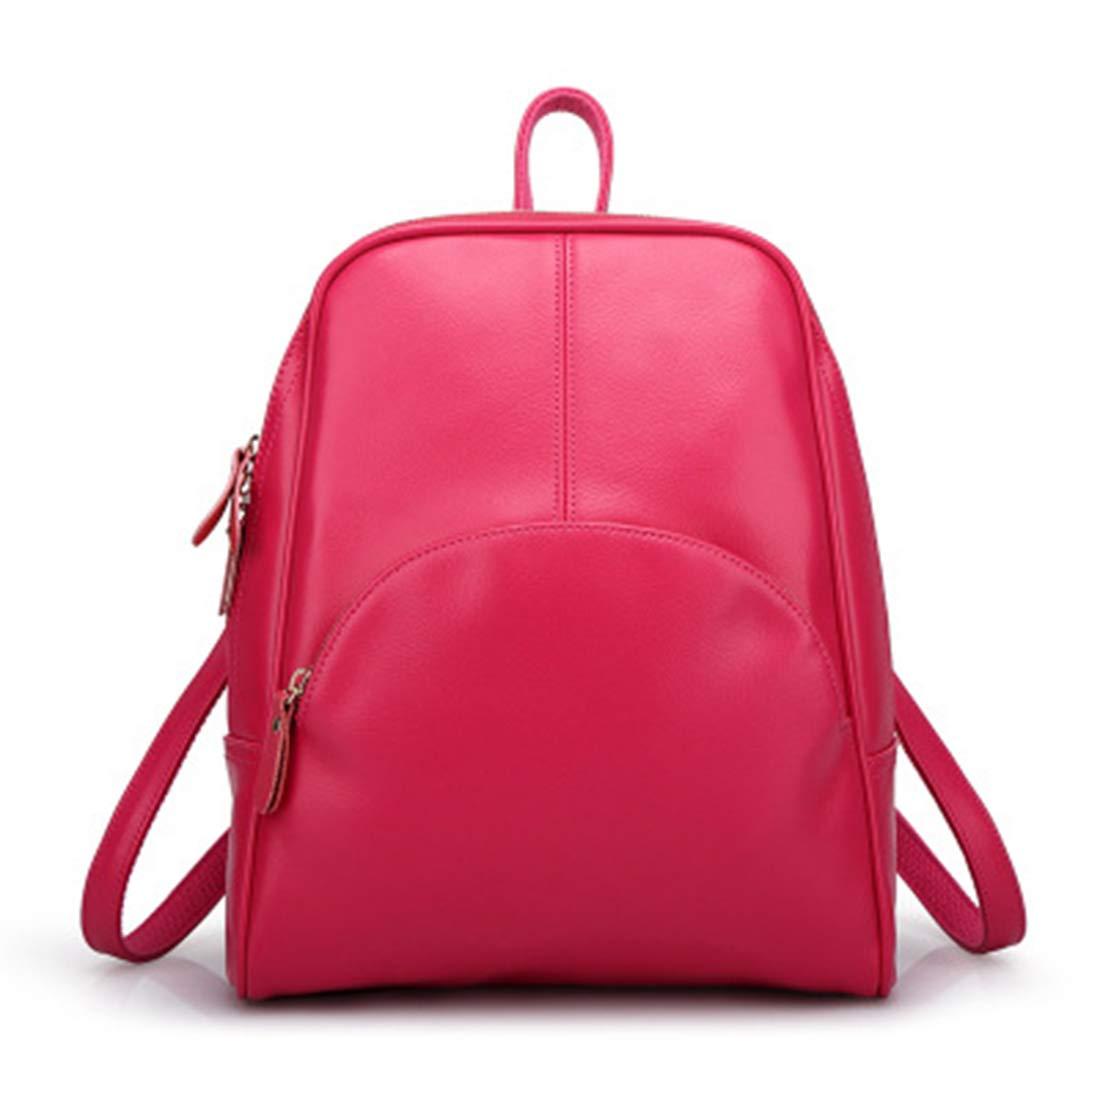 JIANZ-ryggsäck kvinnor flickor crossbody väska äkta läder axelväska handväska axelväska för kvinnor (färg: blå) Rpse röd